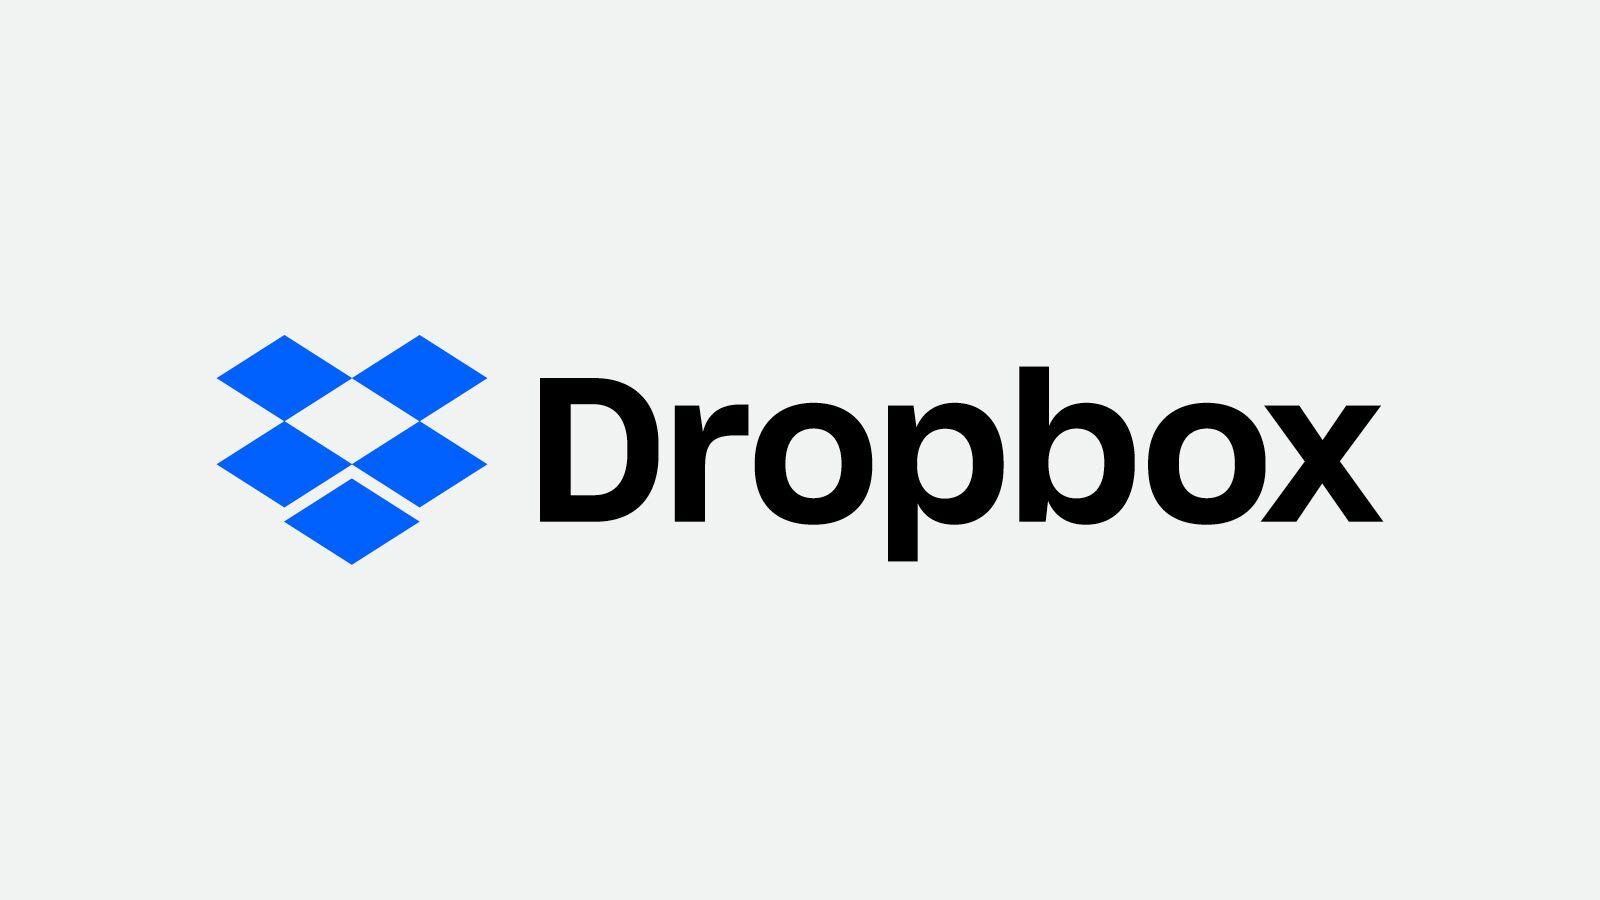 DropboxLogo.JPEG